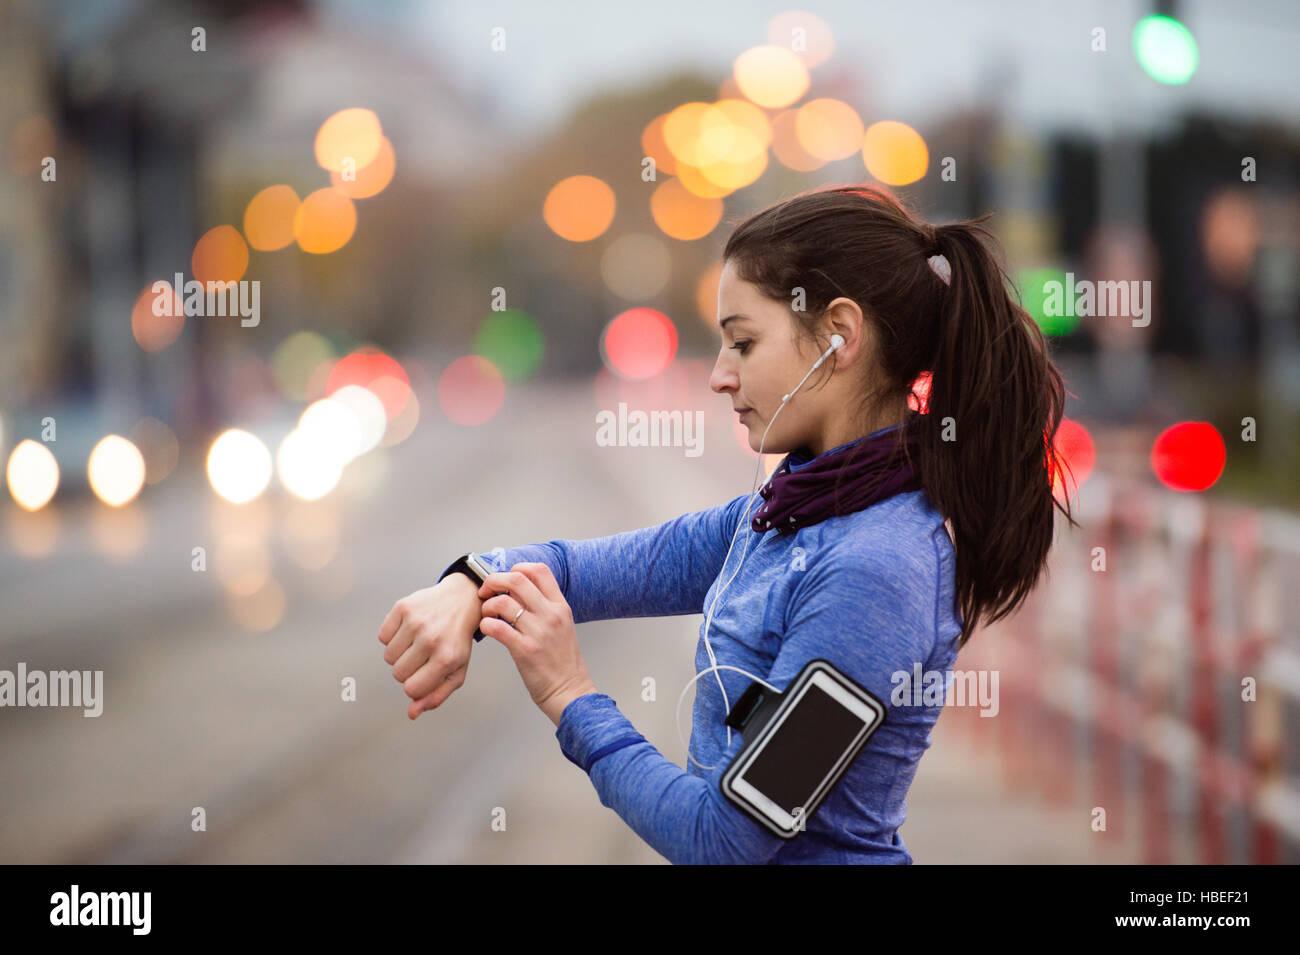 Giovane donna in felpa blu acceso nella città Immagini Stock